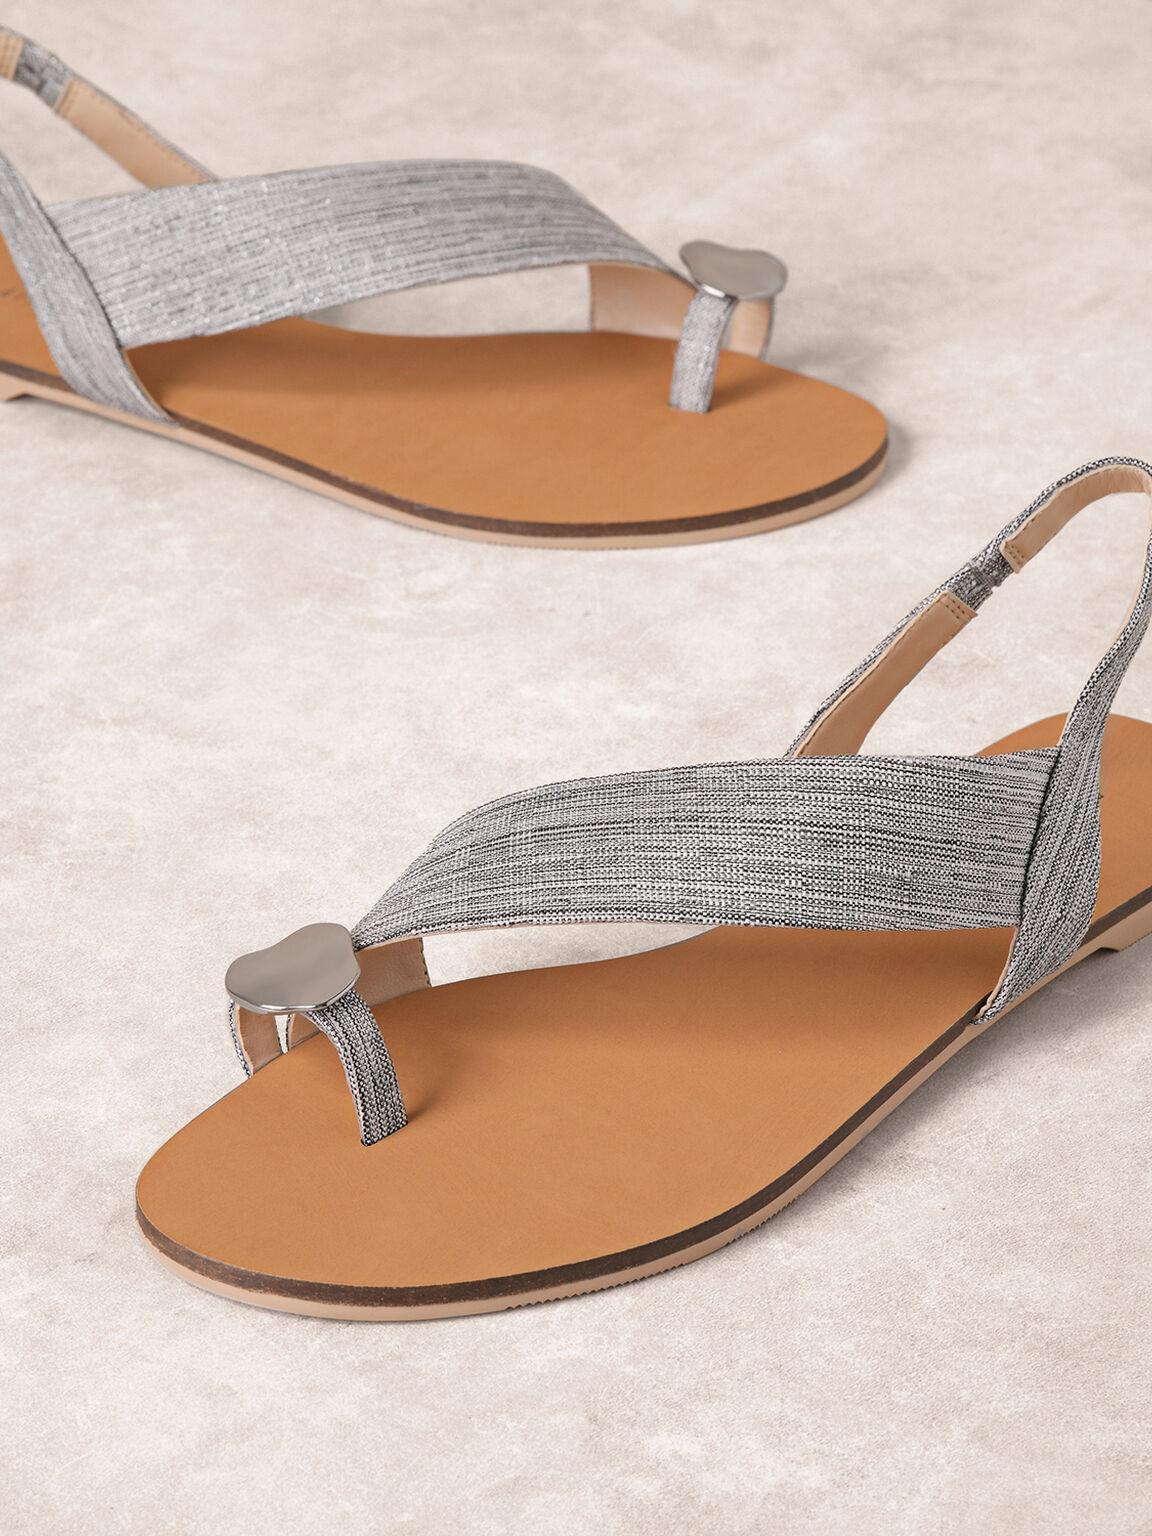 Embellished Toe-Ring Slingback Sandals, Silver, hi-res